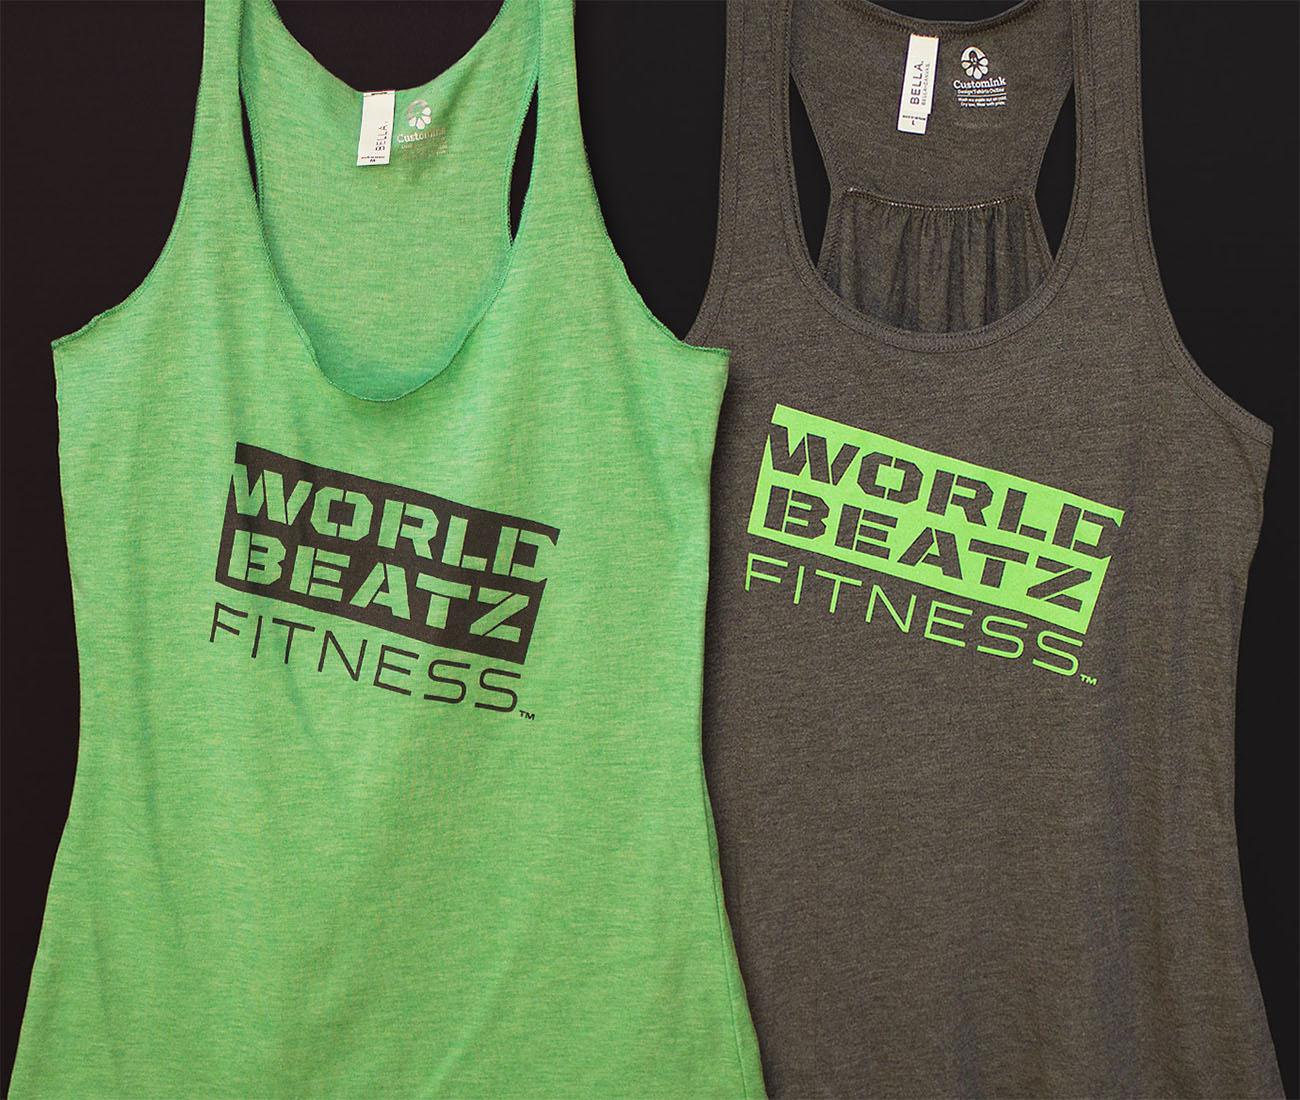 Tshirt-WorldBeatzFitness